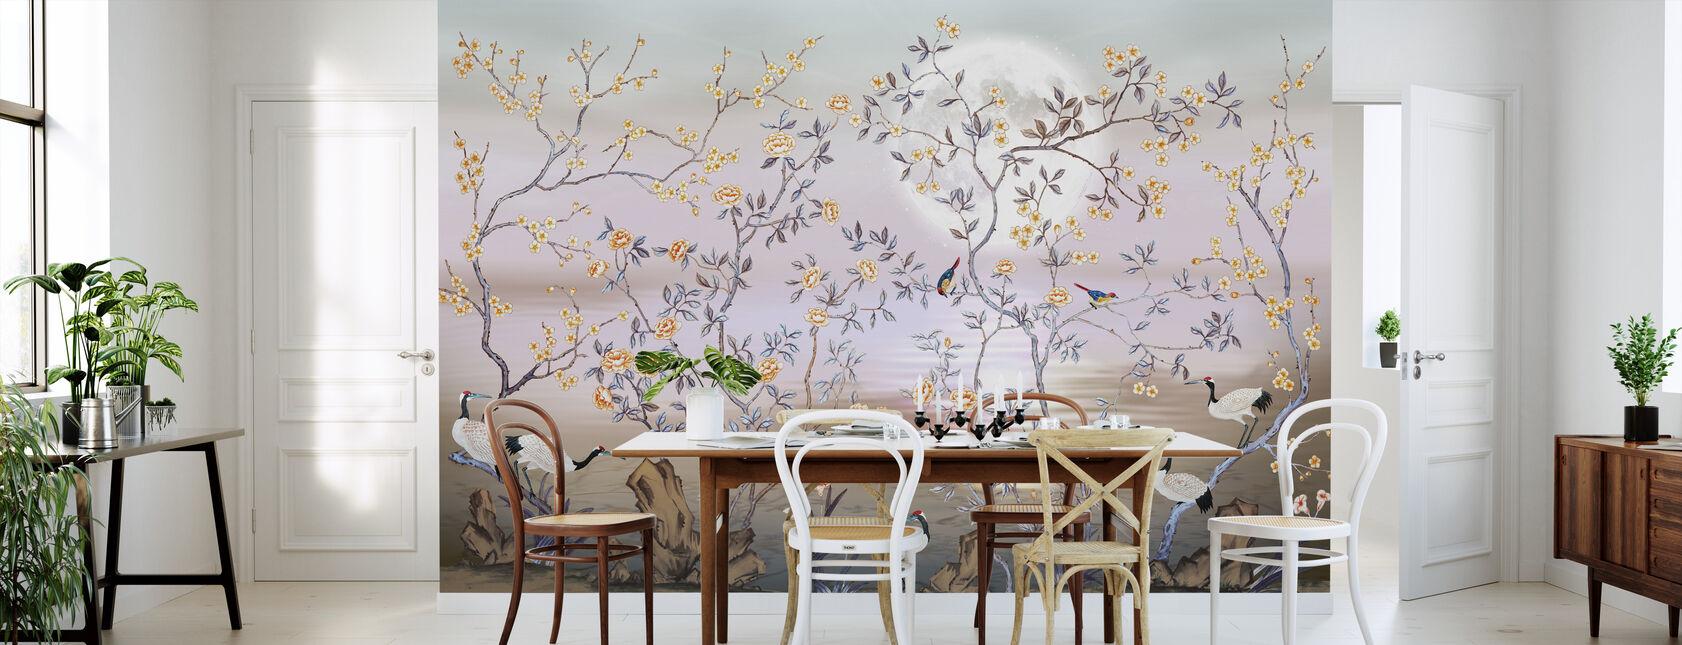 Birds in Beautiful Scenery - Wallpaper - Kitchen